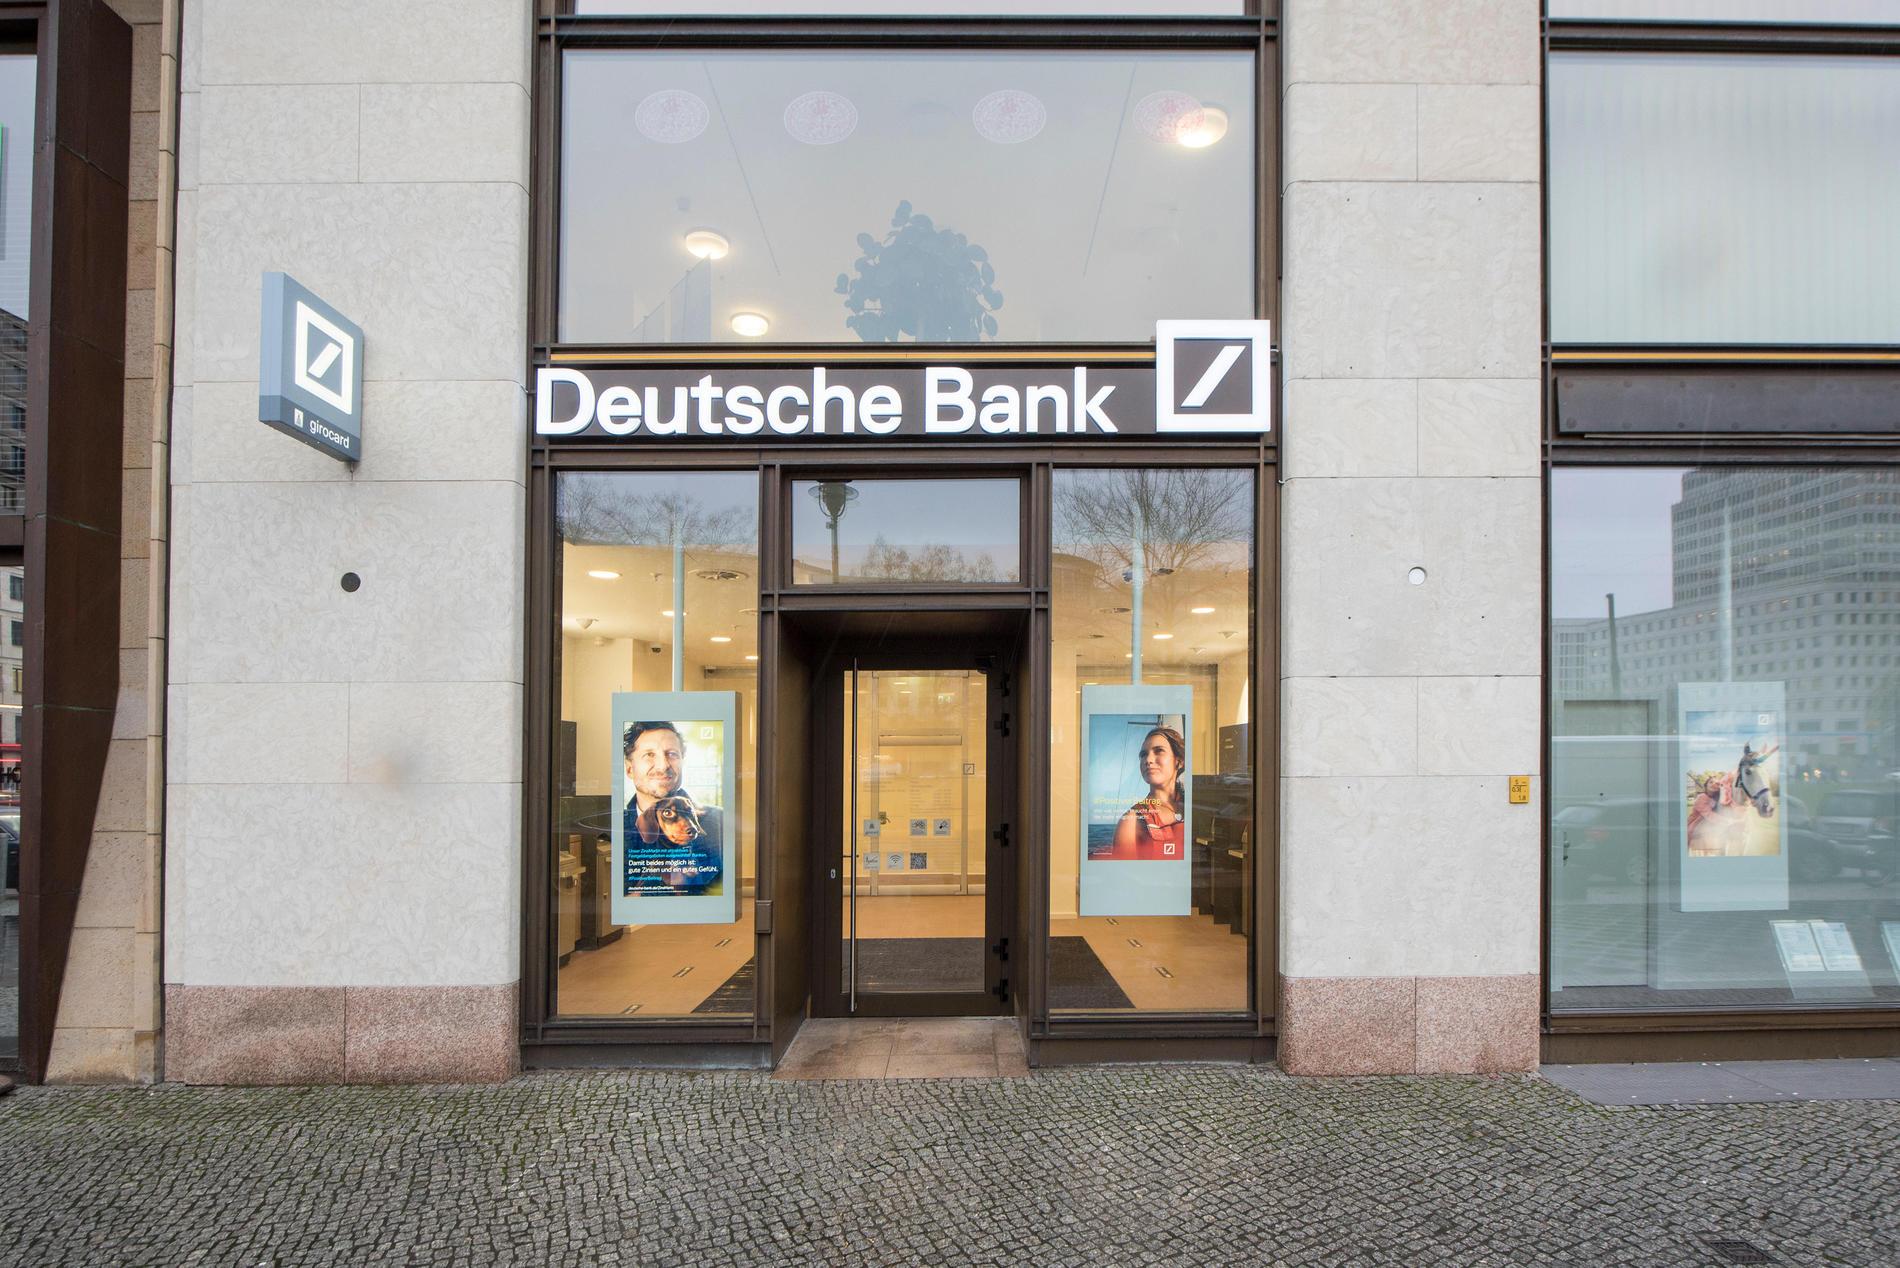 Deutsche Bank Filiale in Berlin ⇒ in Das Örtliche